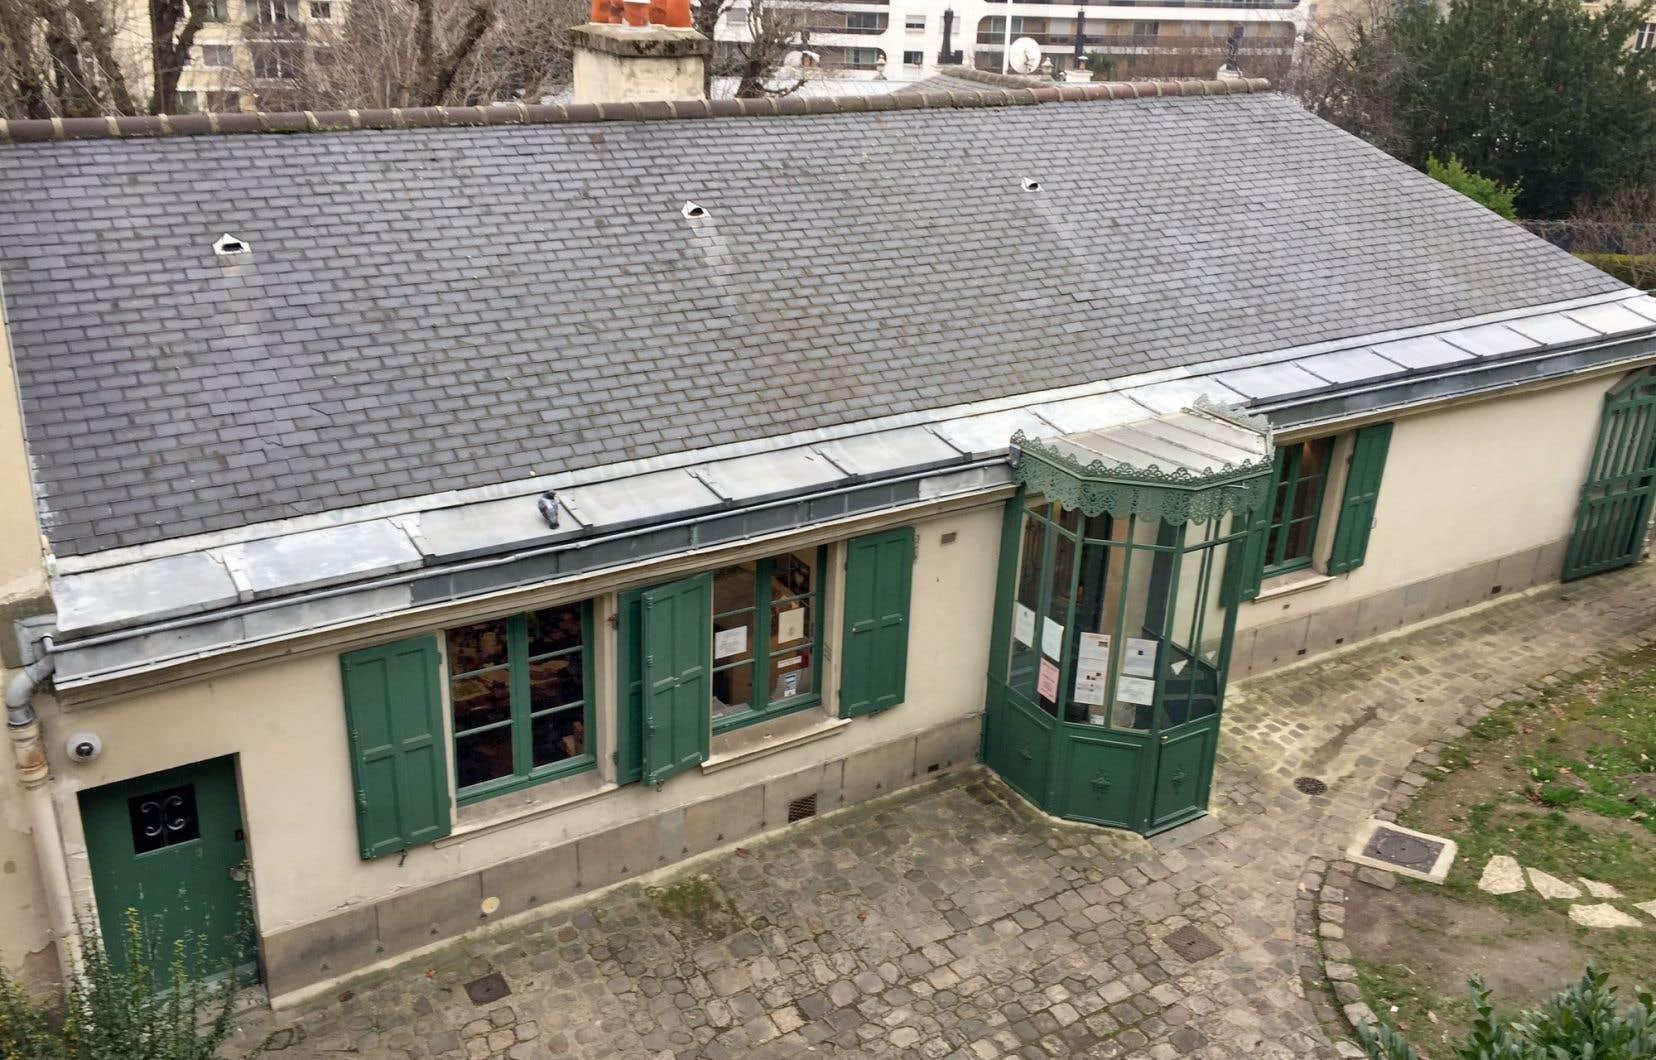 La Maison de Balzac, rue Raynouard, dans le XVIe arrondissement. Caché sous le pseudonyme de M.Breugnol, il séjourna pendant sept ans dans l'ancienne «folie» d'un hôtel particulier.